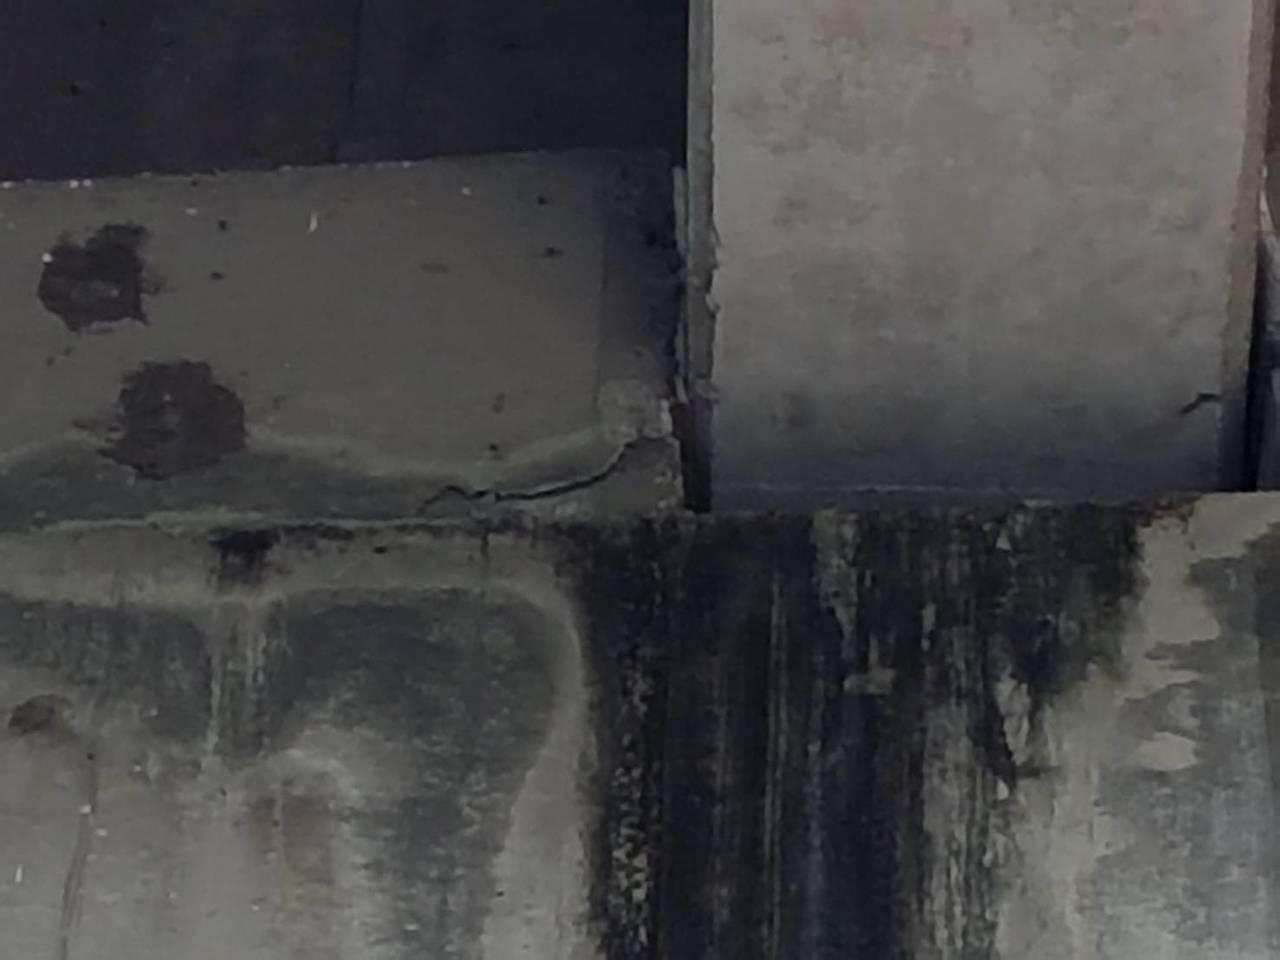 編號P7的橋柱和橋梁可能因地震受損。圖/讀者提供